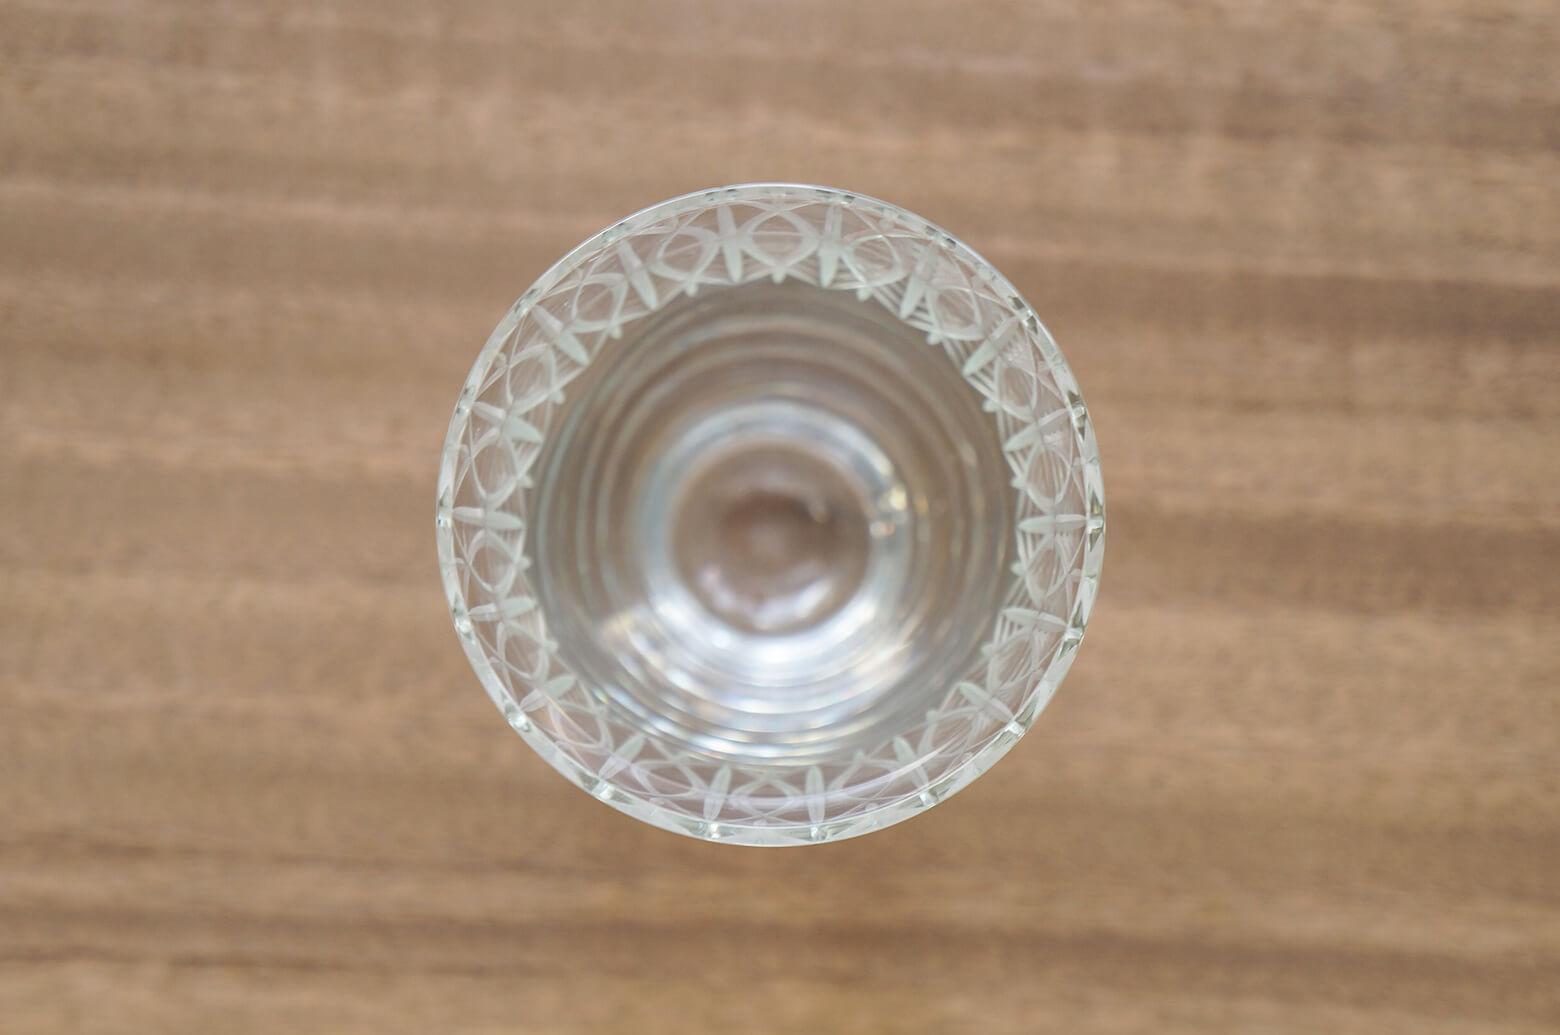 Sybilla Casa Glassware Glass Tableware/シビラ ガラス食器 グラス テーブルウェア インテリア 2